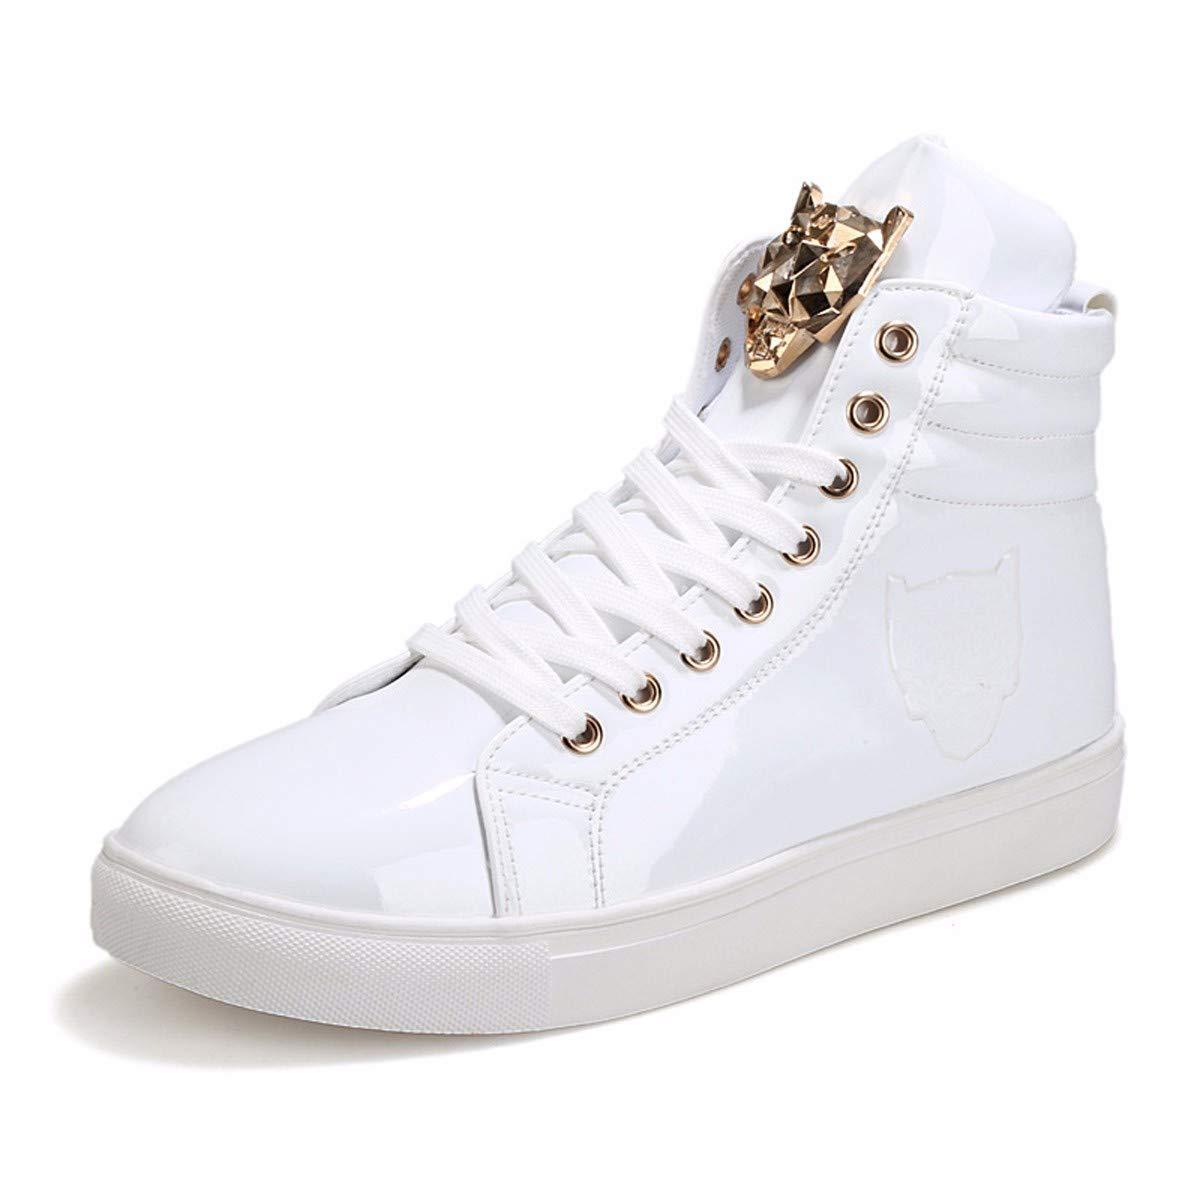 KMJBS-Au Printemps Les Chaussures De Sport British Chaussures Chaussures Montantes Personnalité Jeunes Étudiants Étudiants.Black Quarante - Quatre